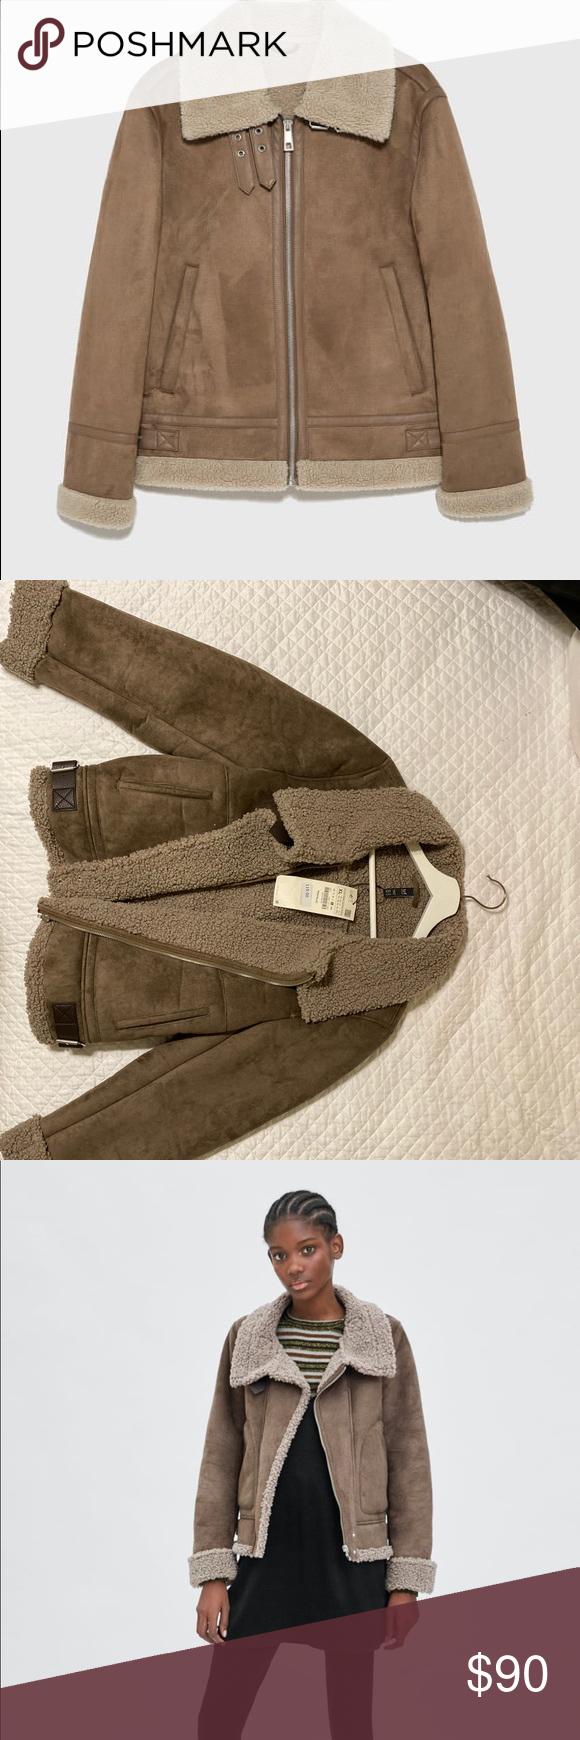 Zara women's shearling jacket in 2020 Shearling jacket